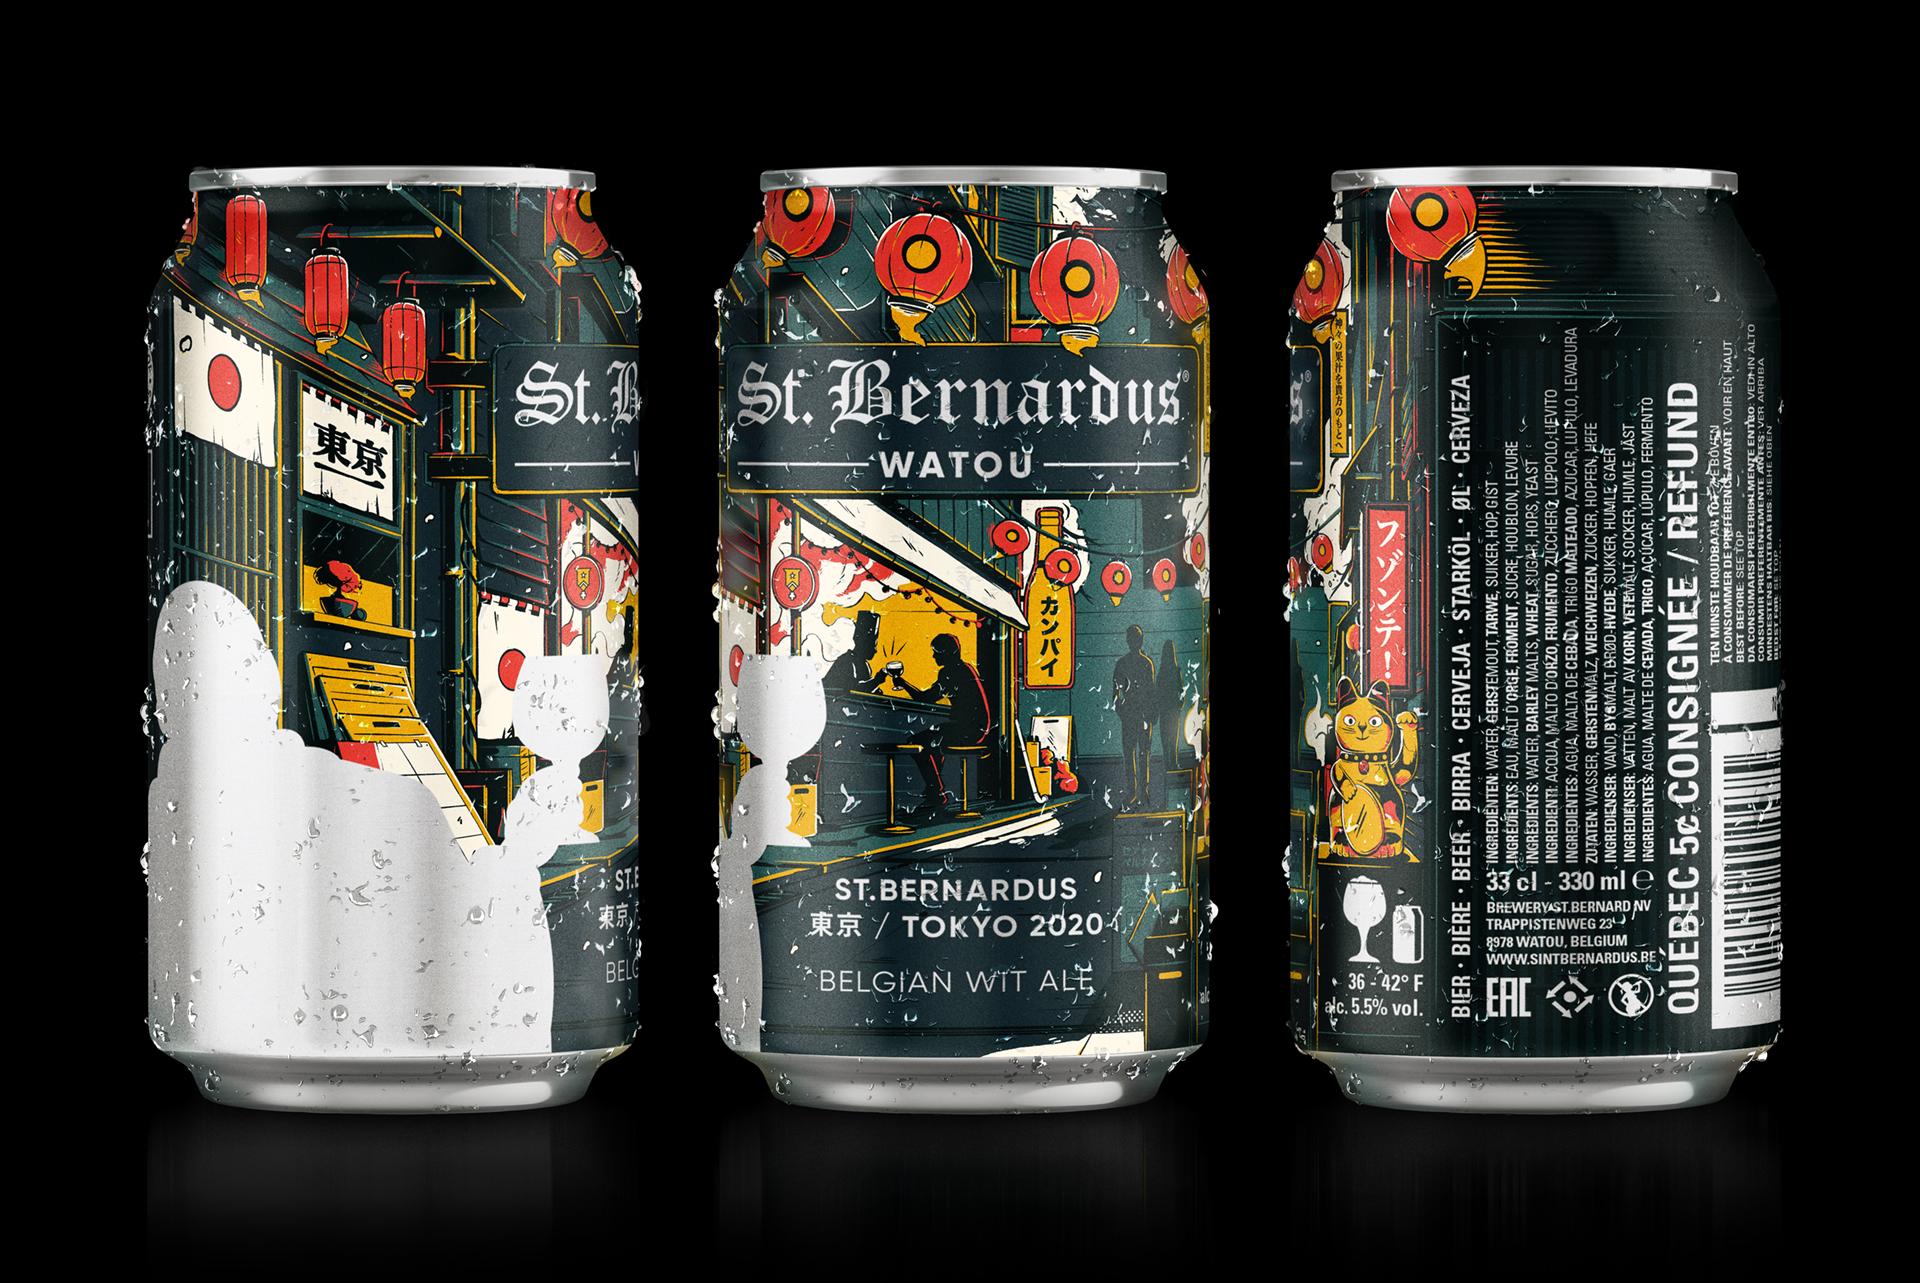 St. Bernardus Tokyo Beer Can Illustration